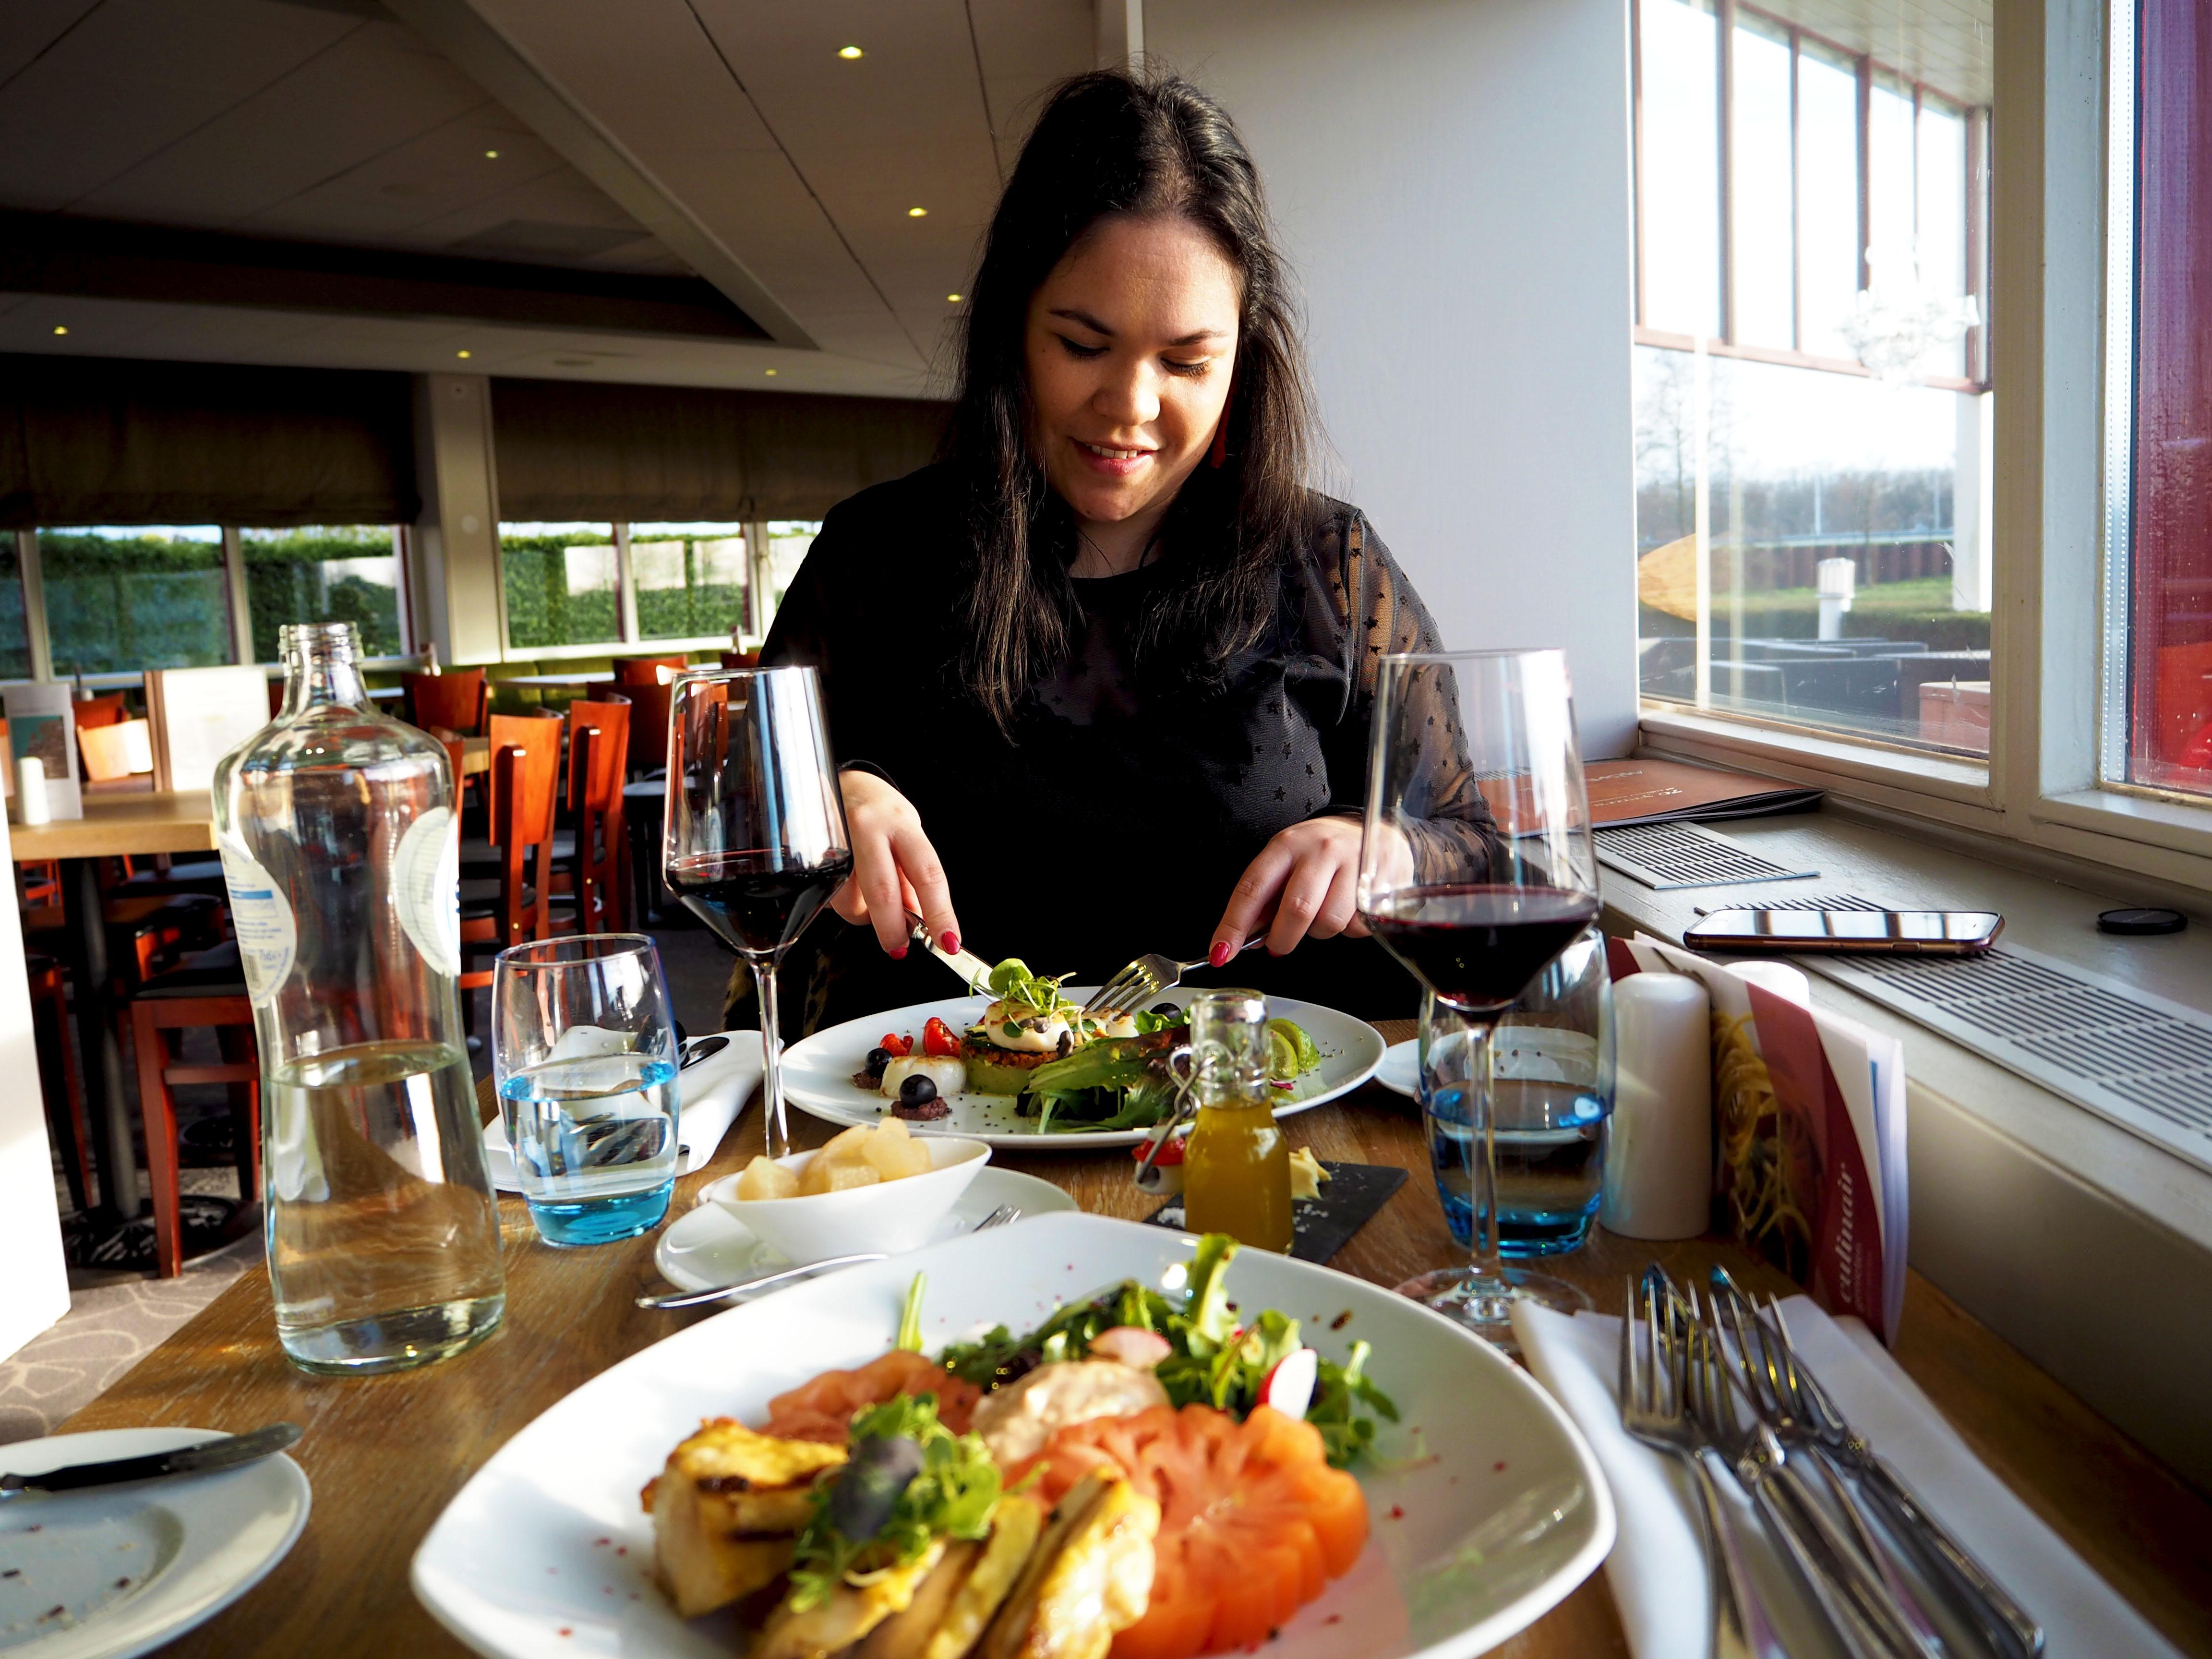 70 jaar Mövenpick Hotels & Resorts: 7 klassieke gerechten in een nieuw jasje